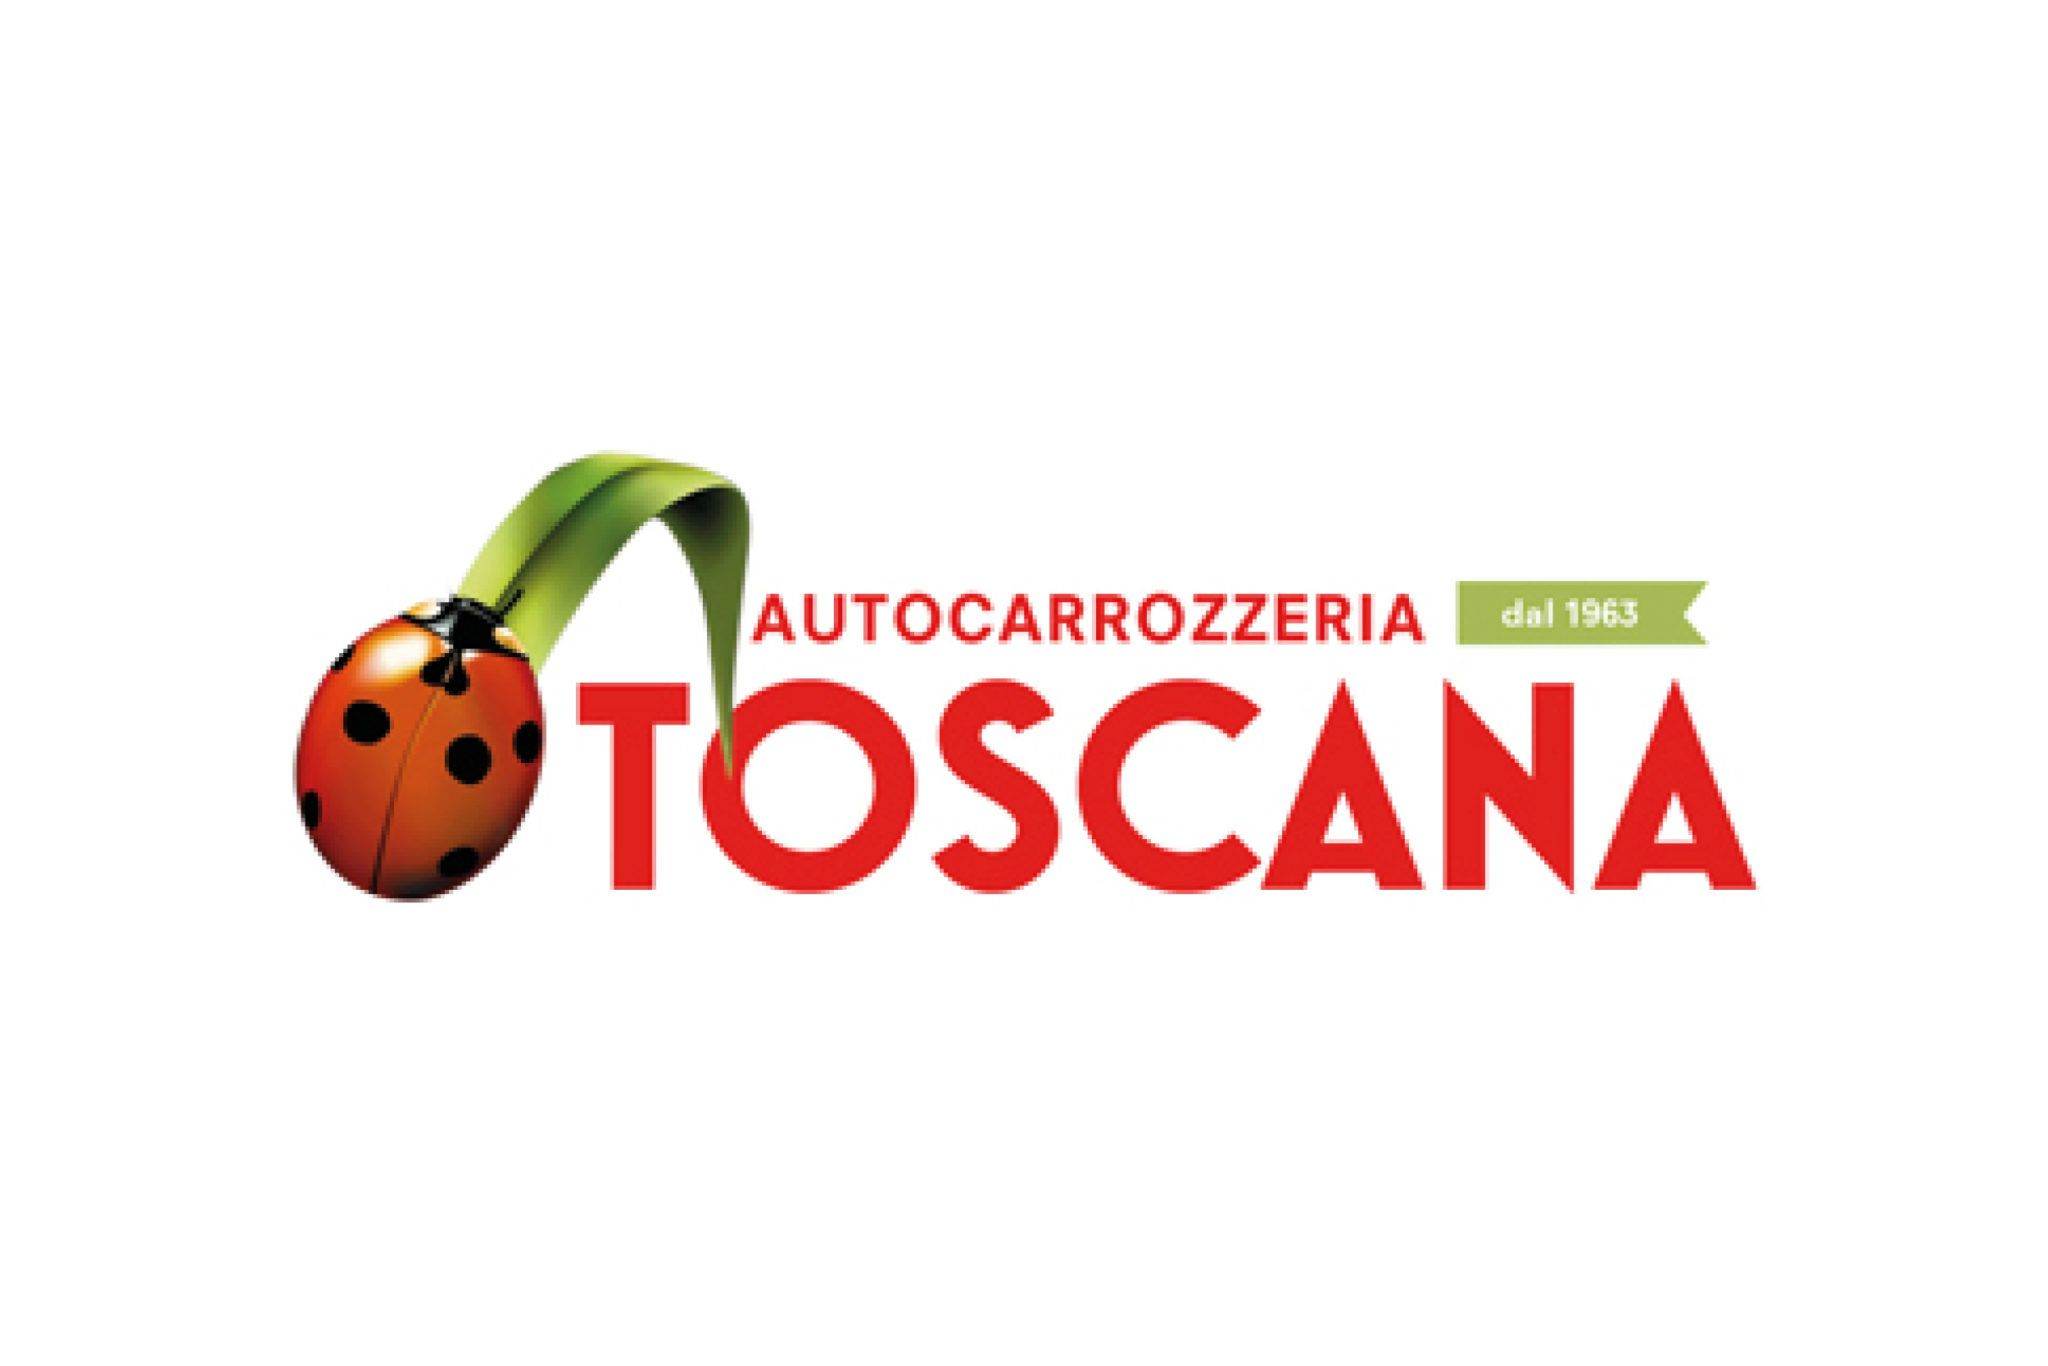 Carrozzeria Toscana